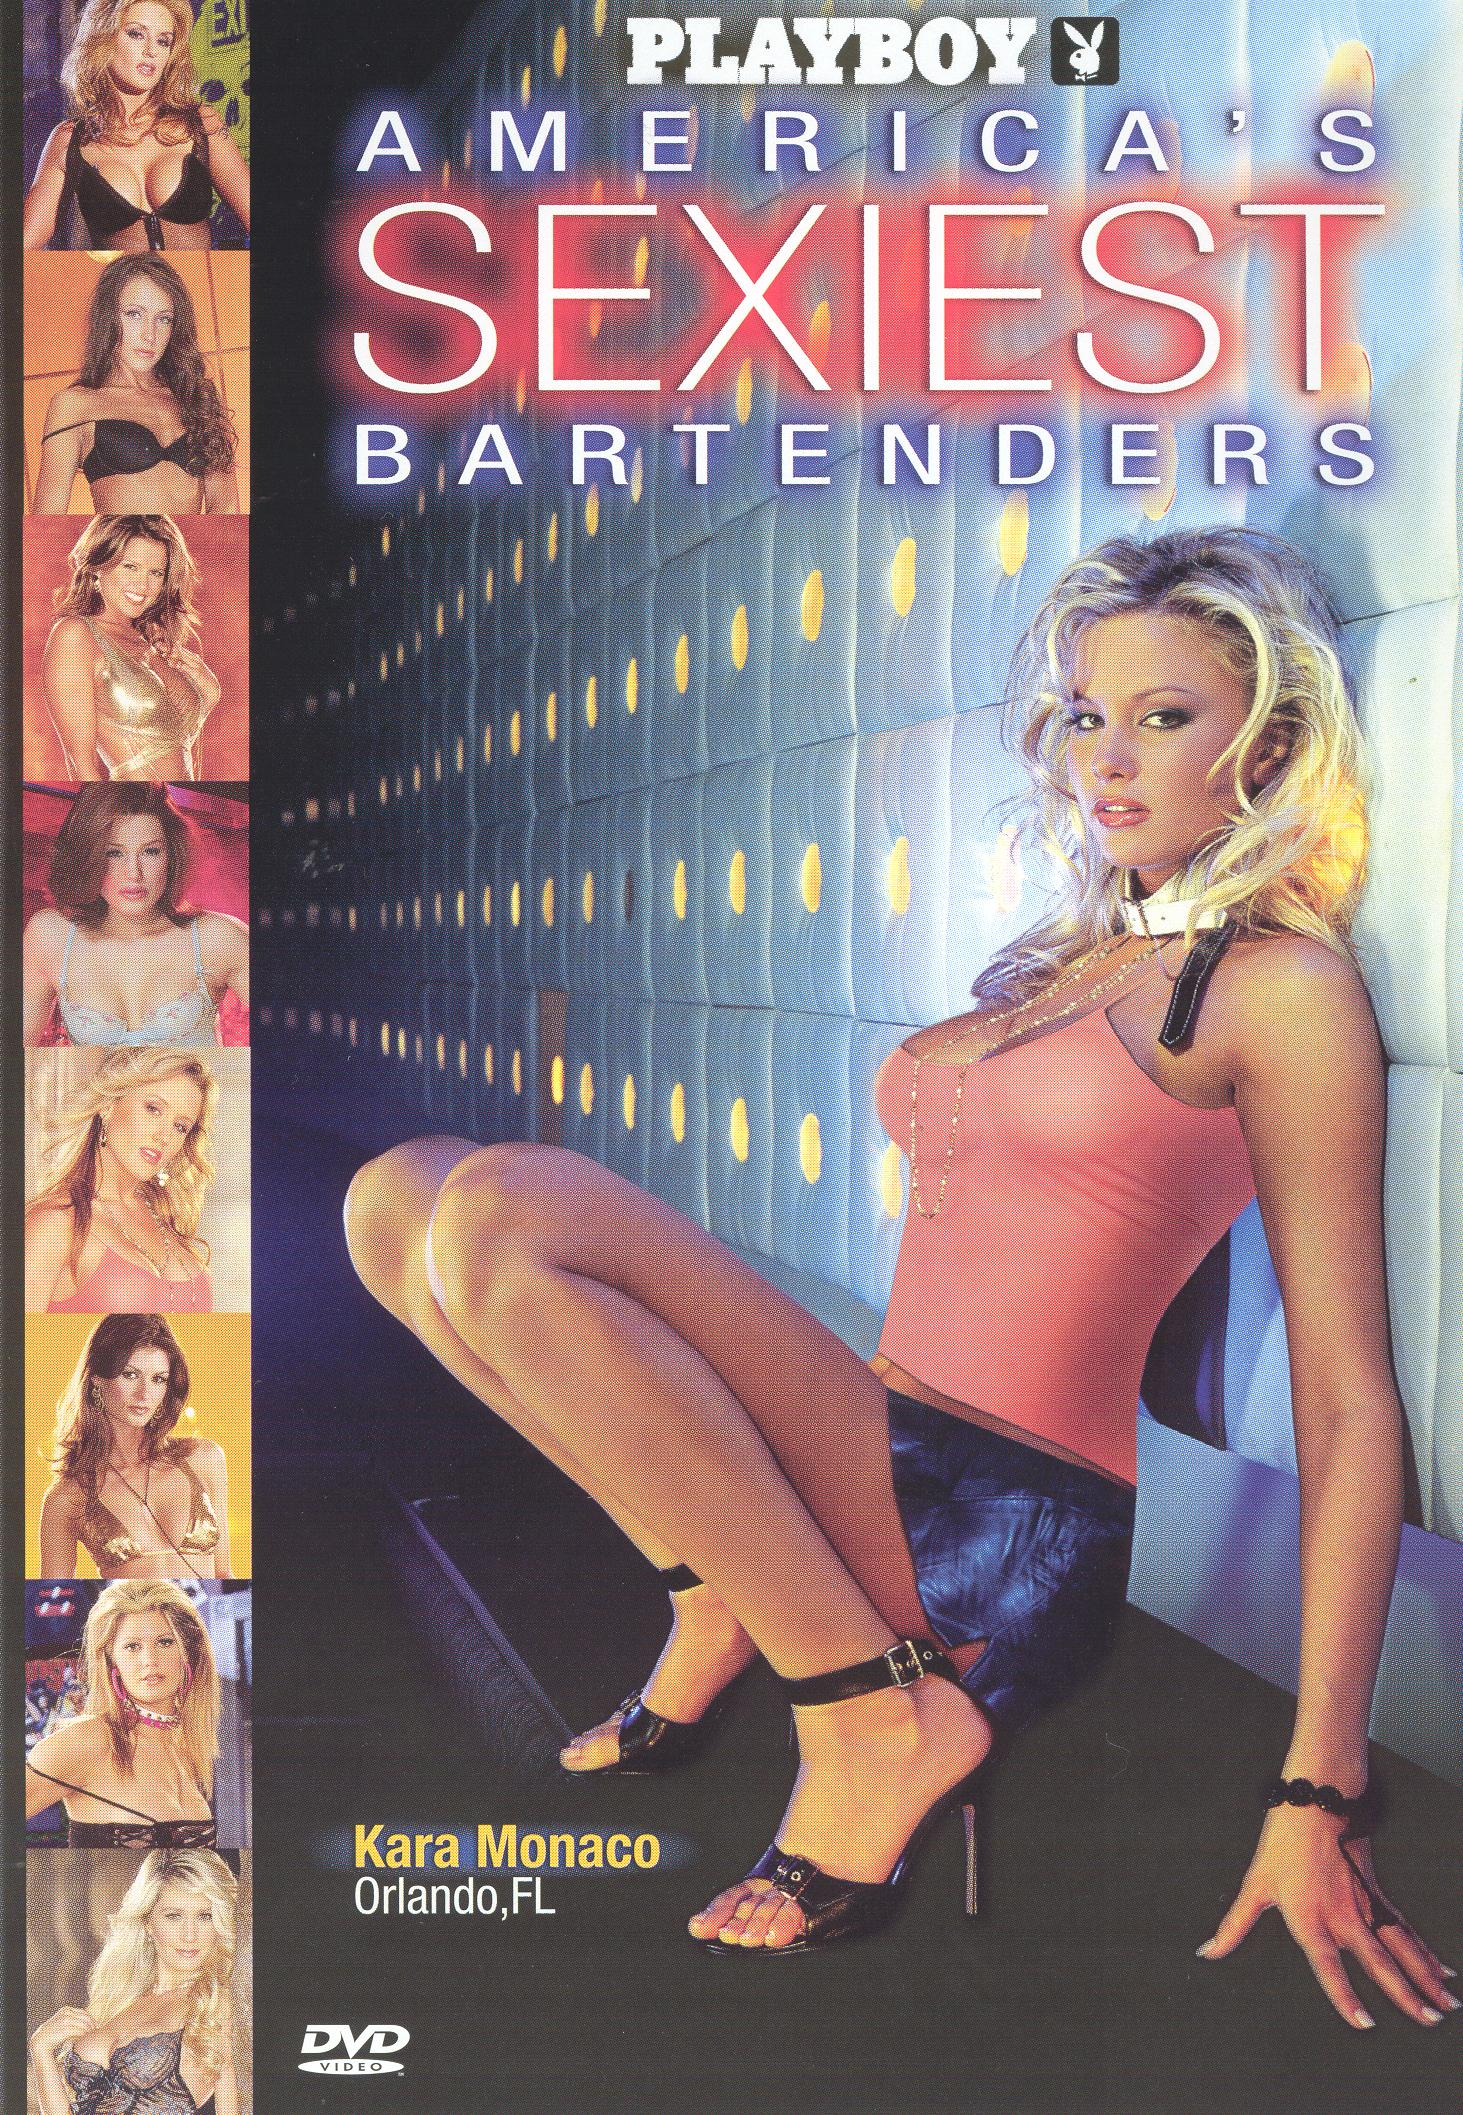 Playboy: America's Sexiest Bartenders